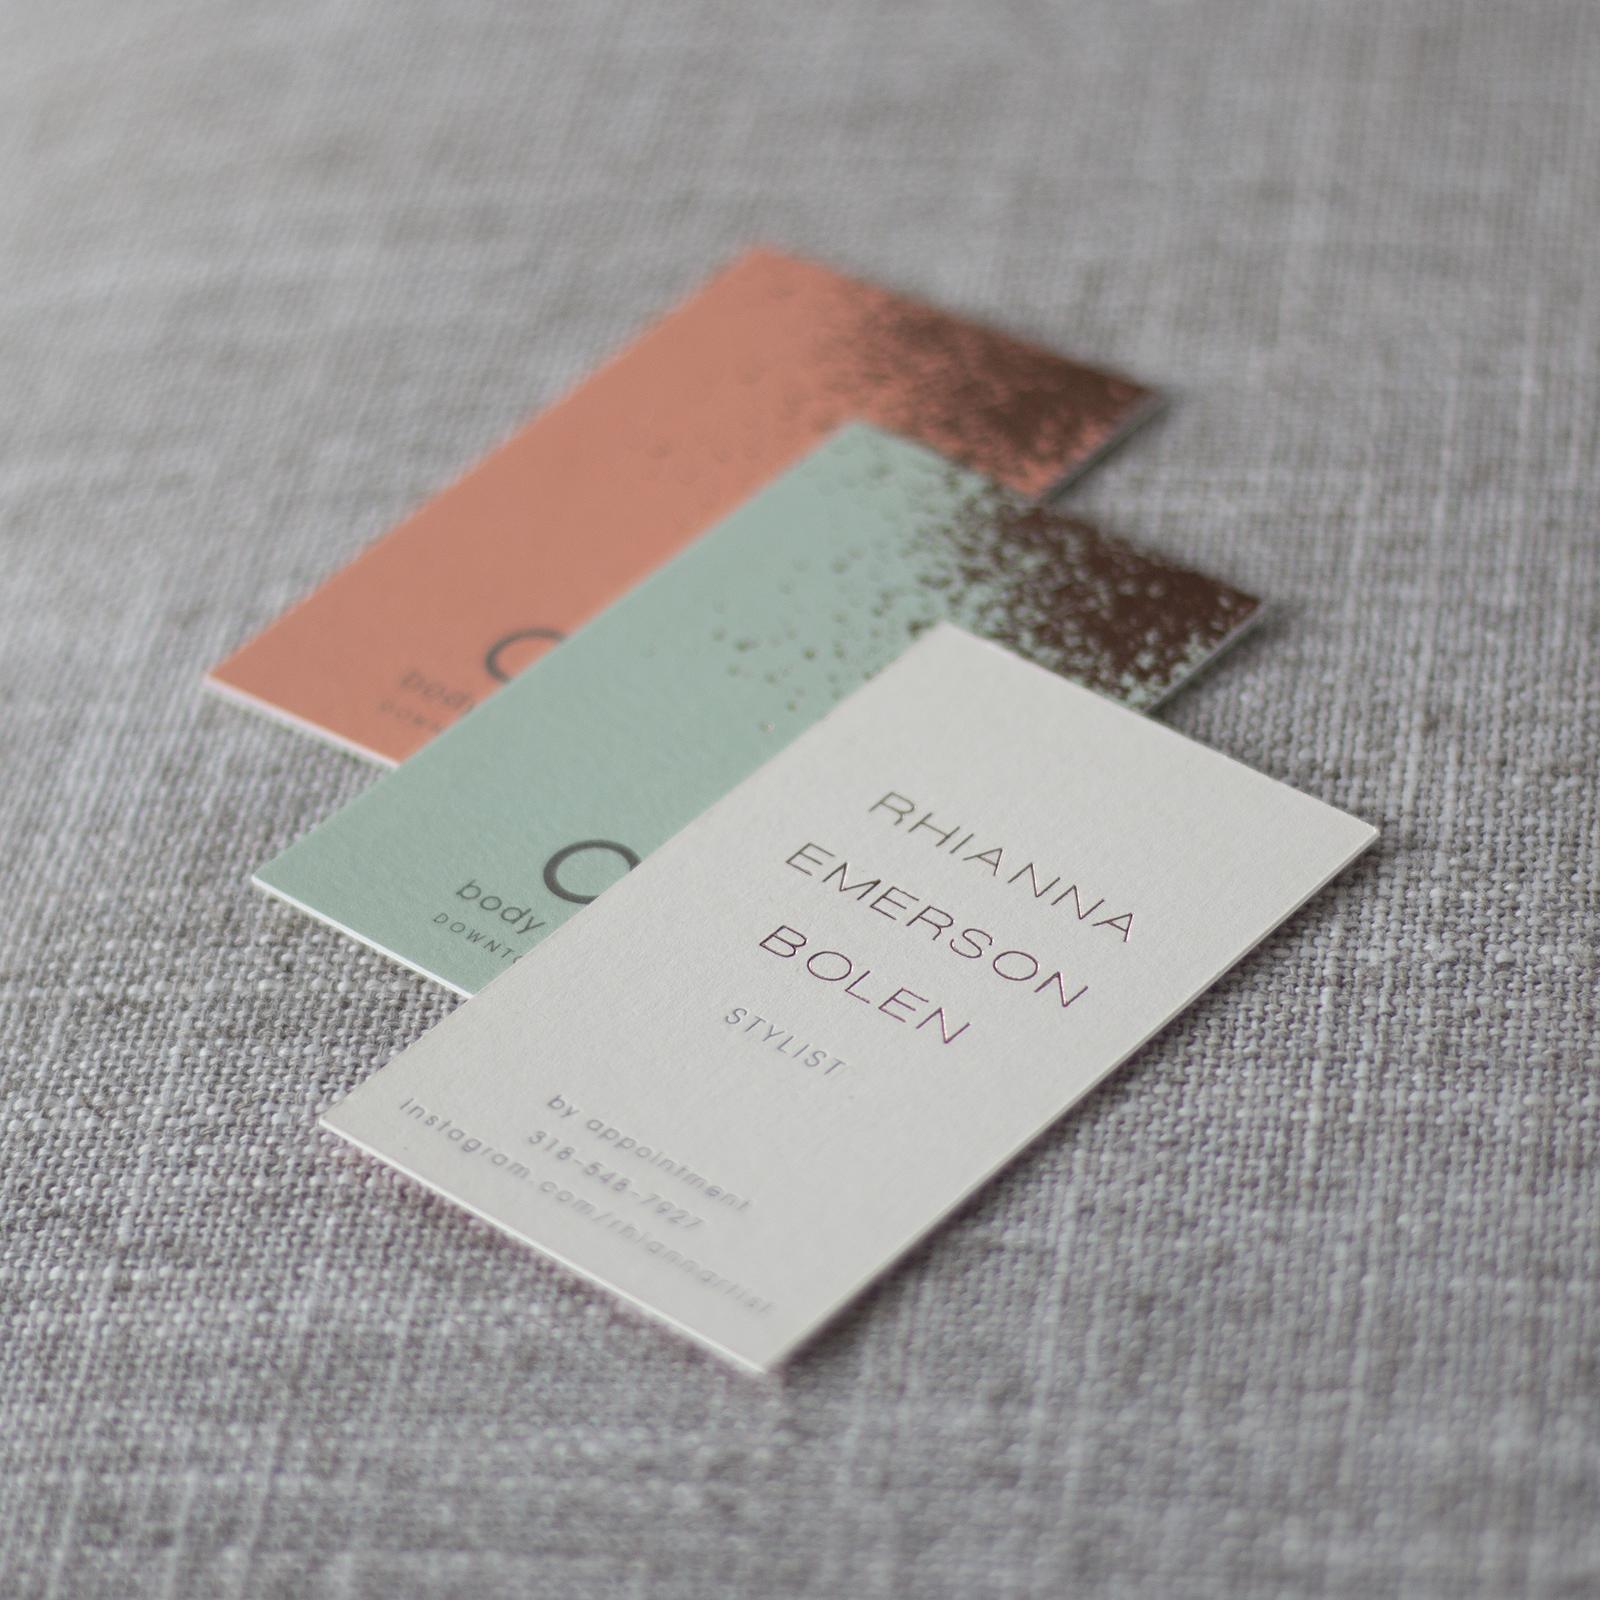 Letterpress + Foil Stamped Business Card // design foil stamping ...